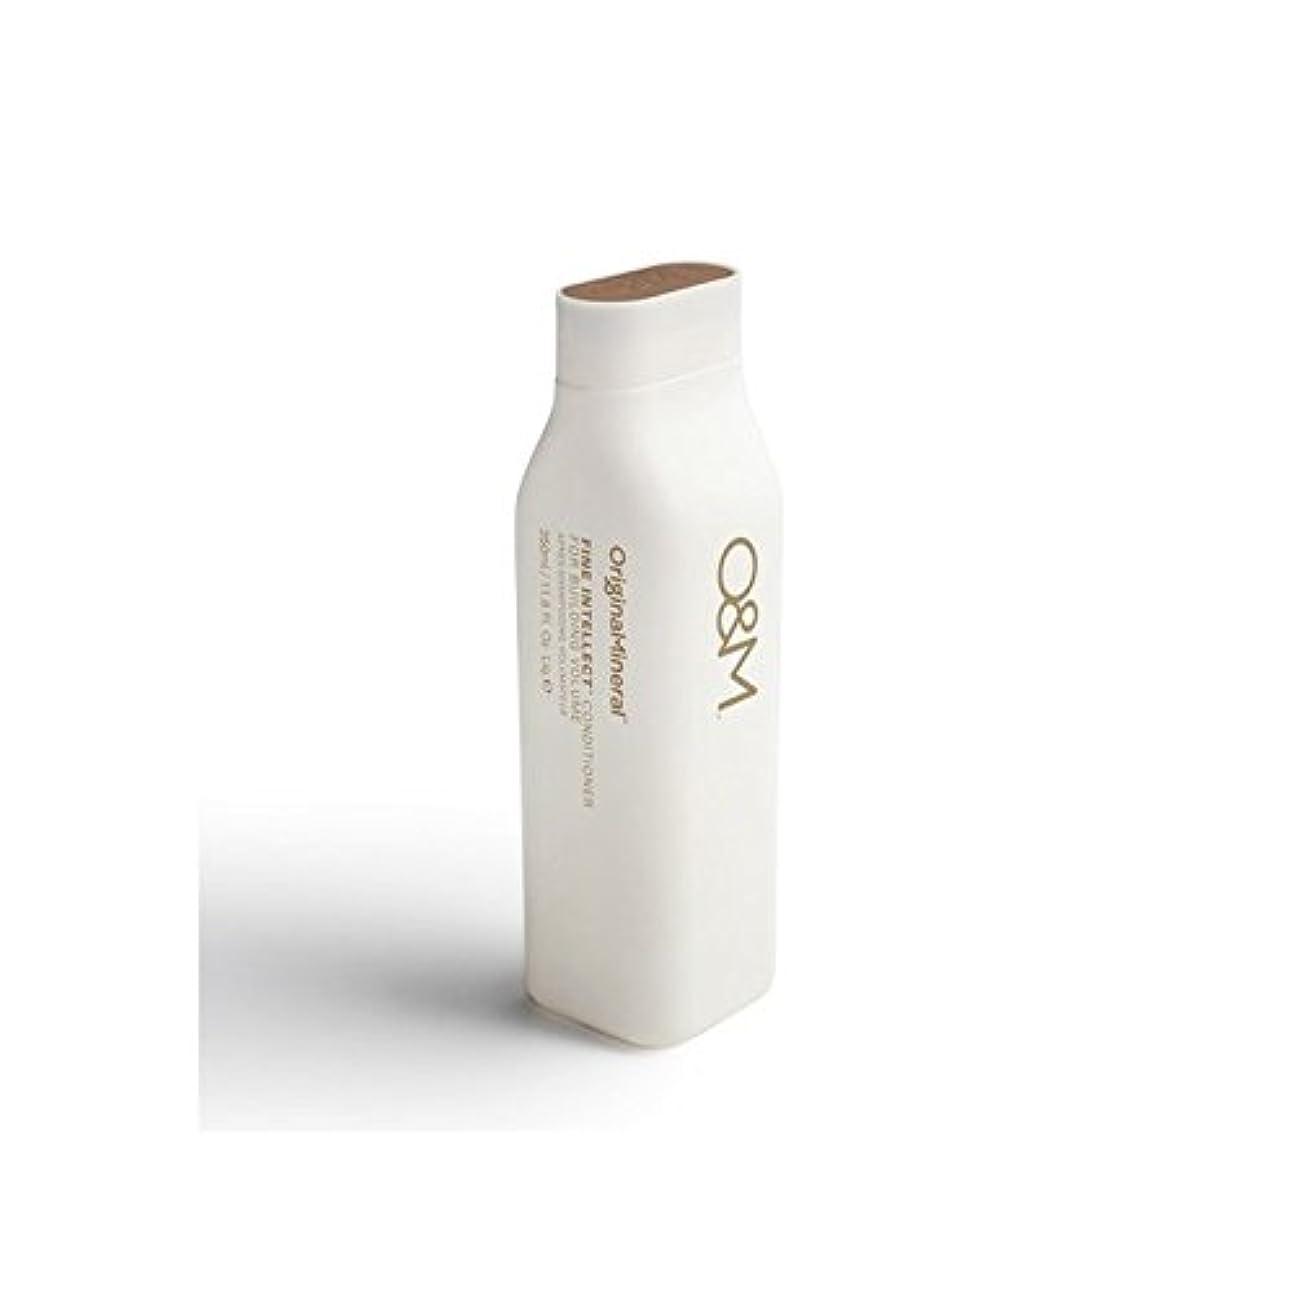 志す細分化するパイプラインOriginal & Mineral Fine Intellect Conditioner (350ml) (Pack of 6) - オリジナル&ミネラル細かい知性コンディショナー(350ミリリットル) x6 [並行輸入品]